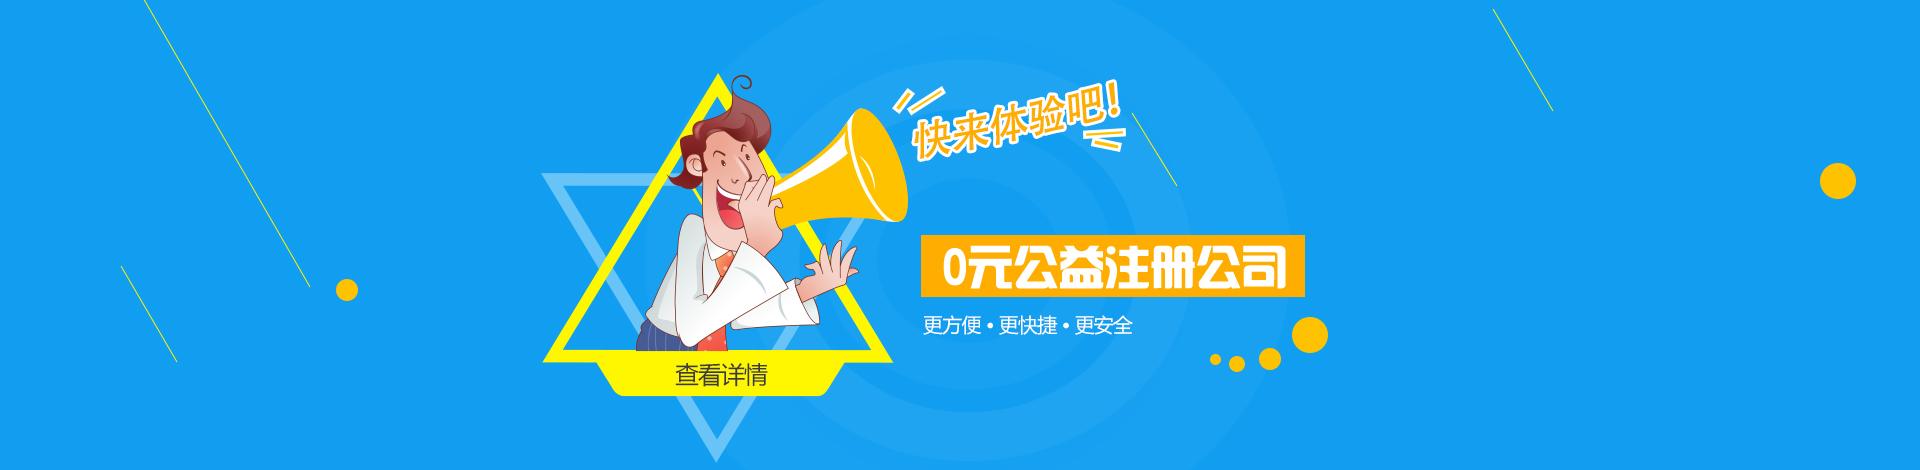 天津武清0元注册公司、免费提供注册地址,2天拿到全套资料